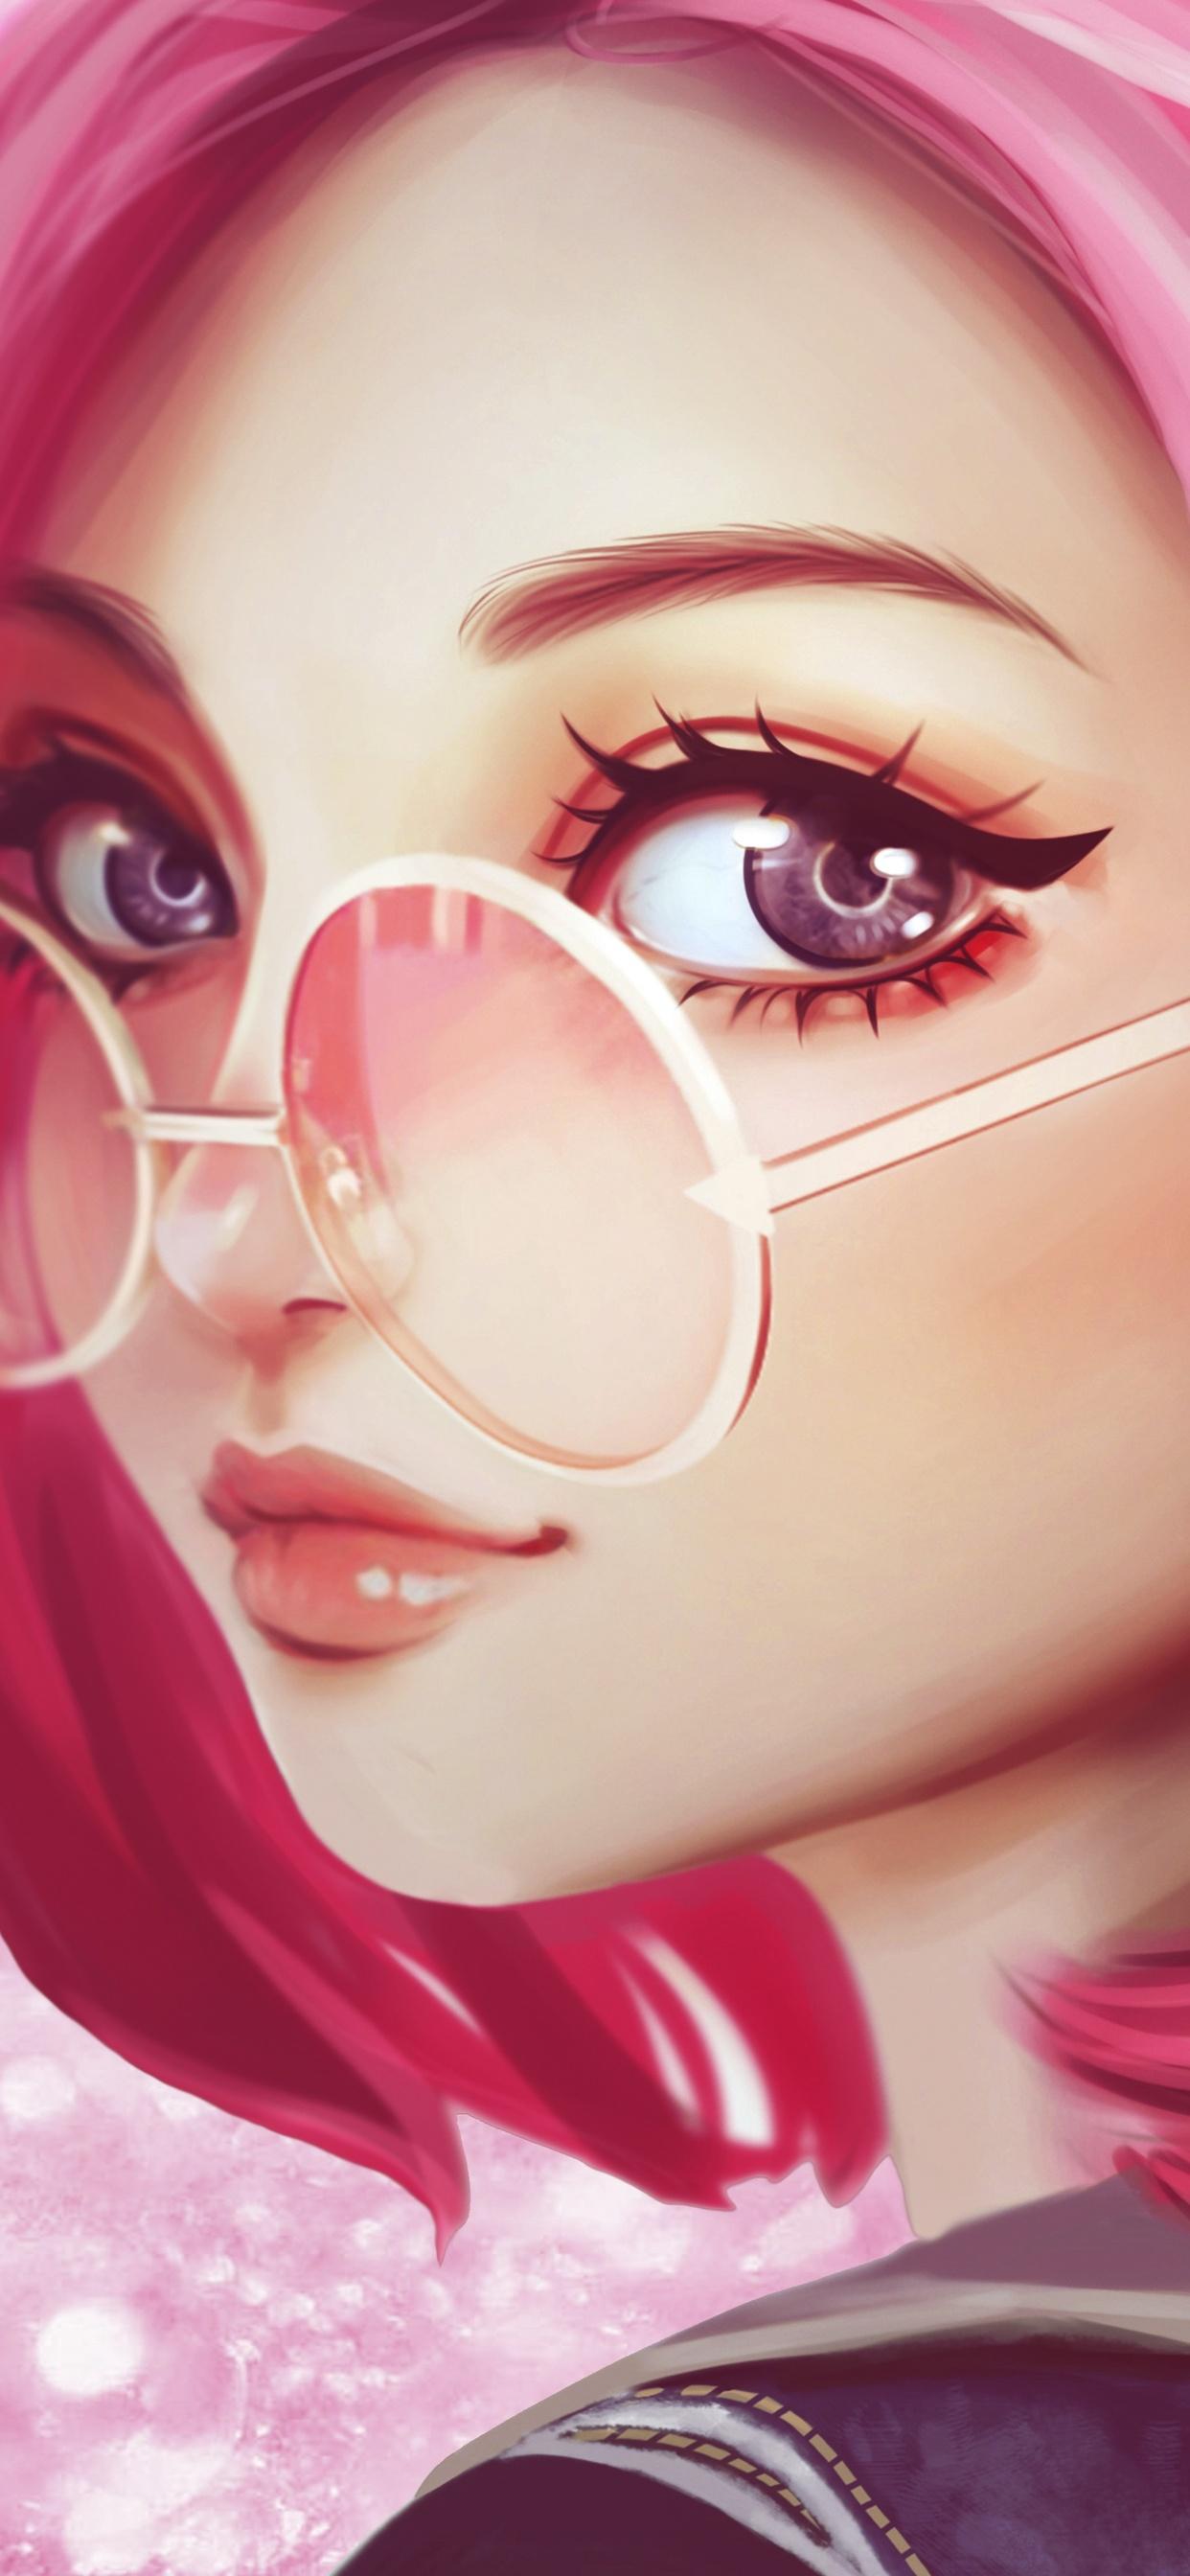 pink-hair-sun-glasses-fantasy-girl-8k-40.jpg